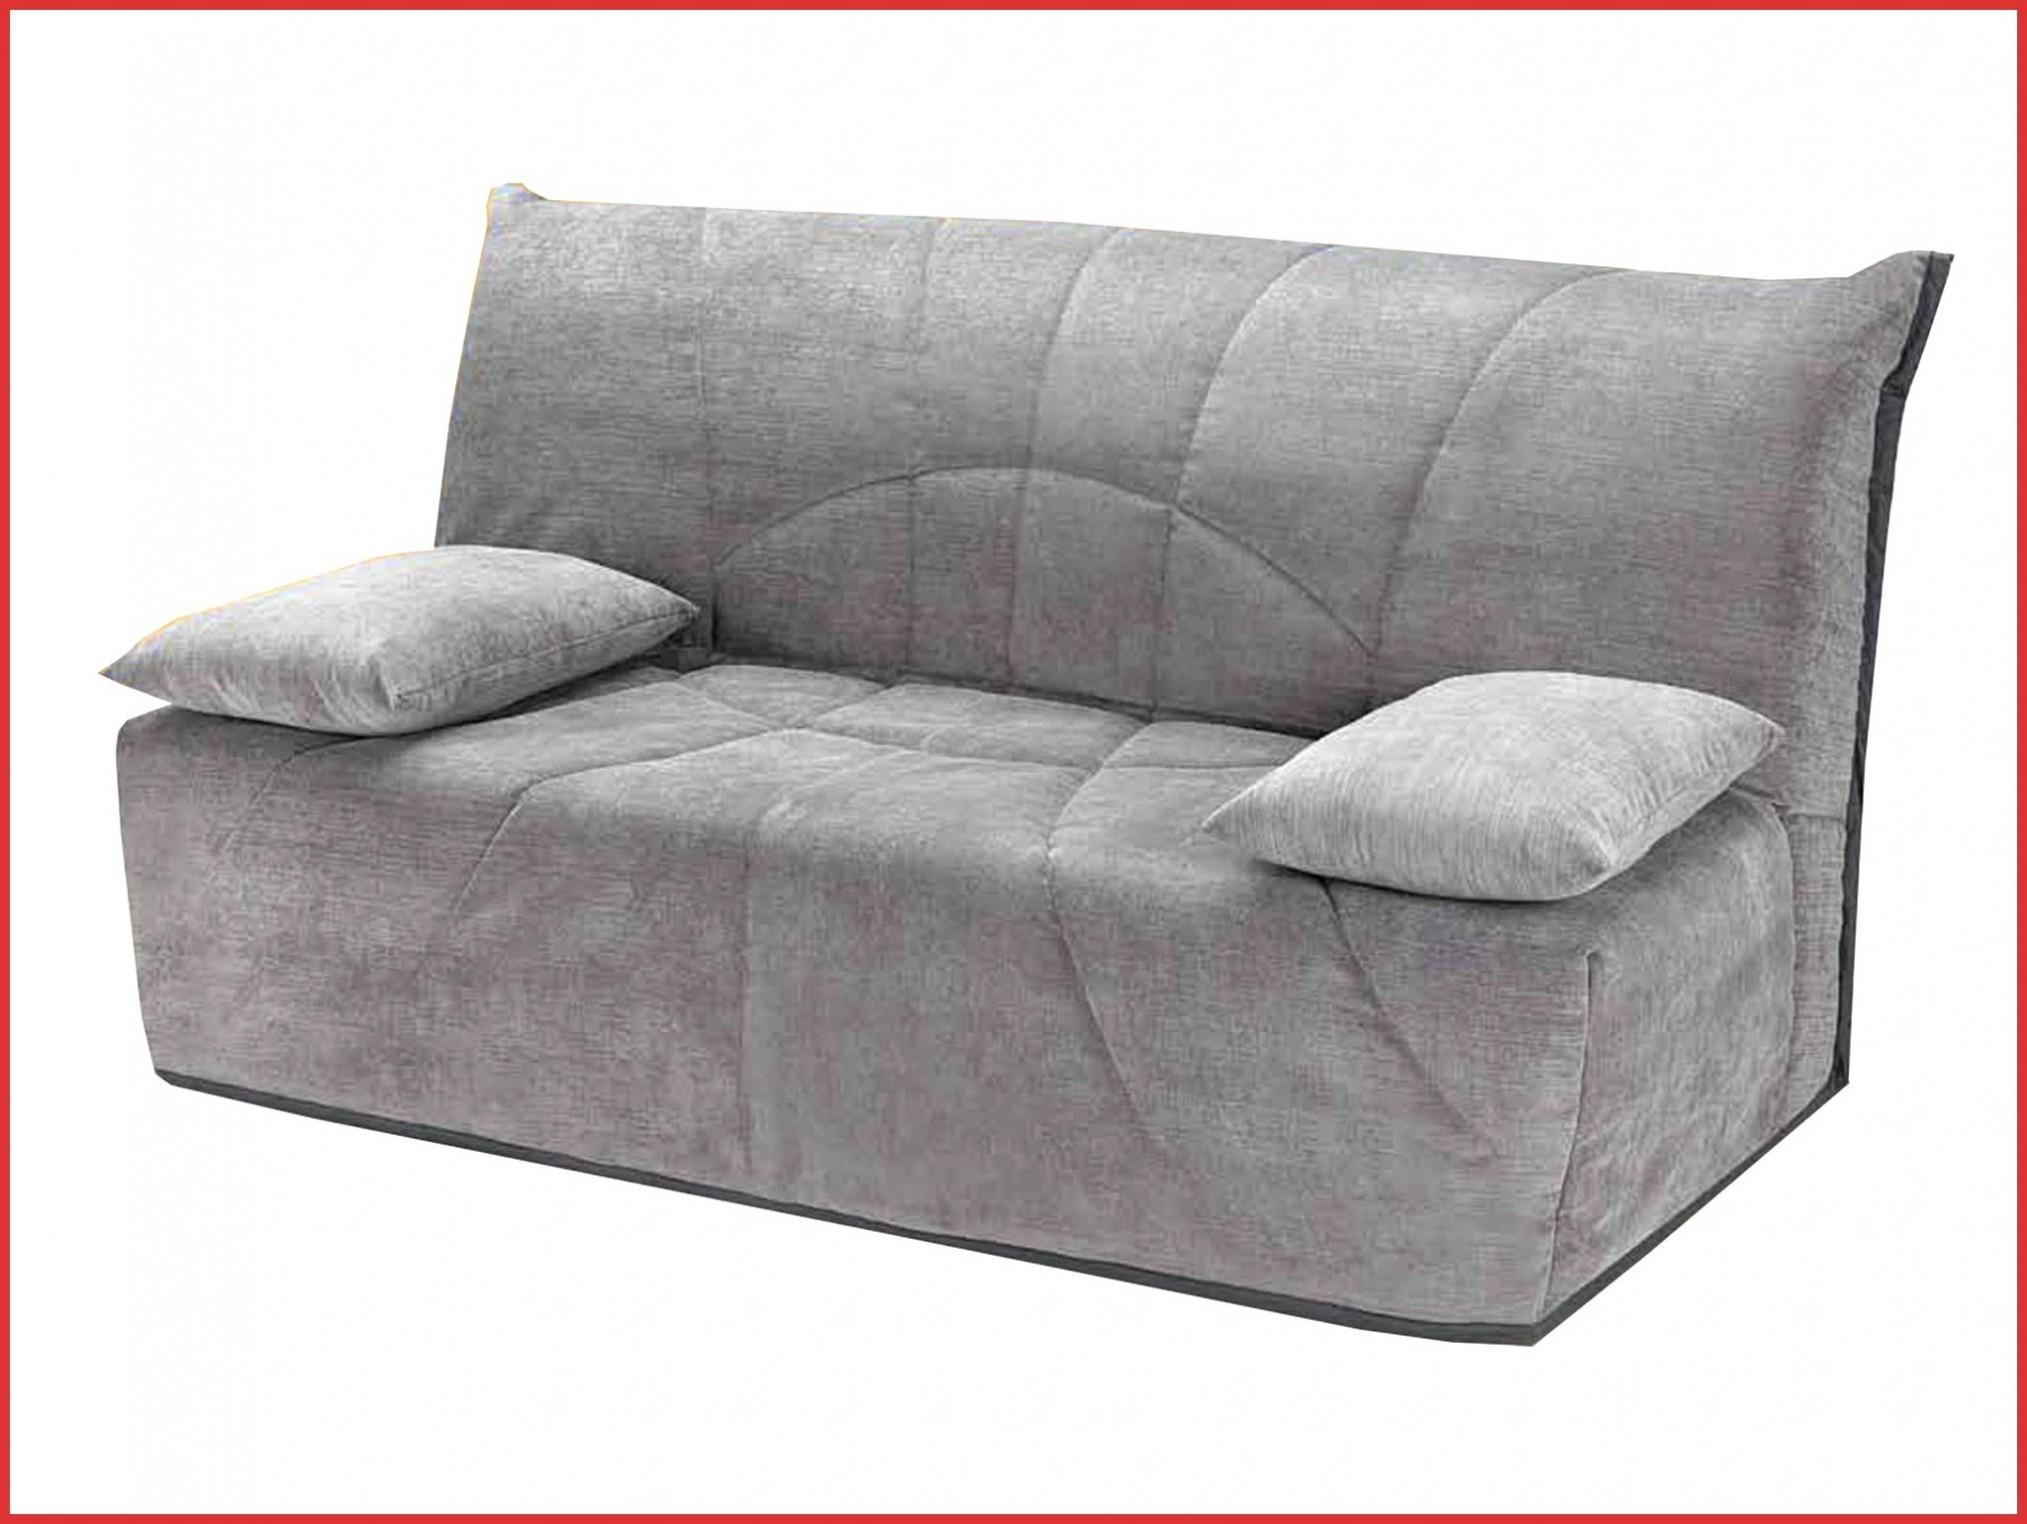 Canapé Angle Ikea Convertible Meilleur De Galerie Lesmeubles Housse De Canapé Bz Lesmeubles